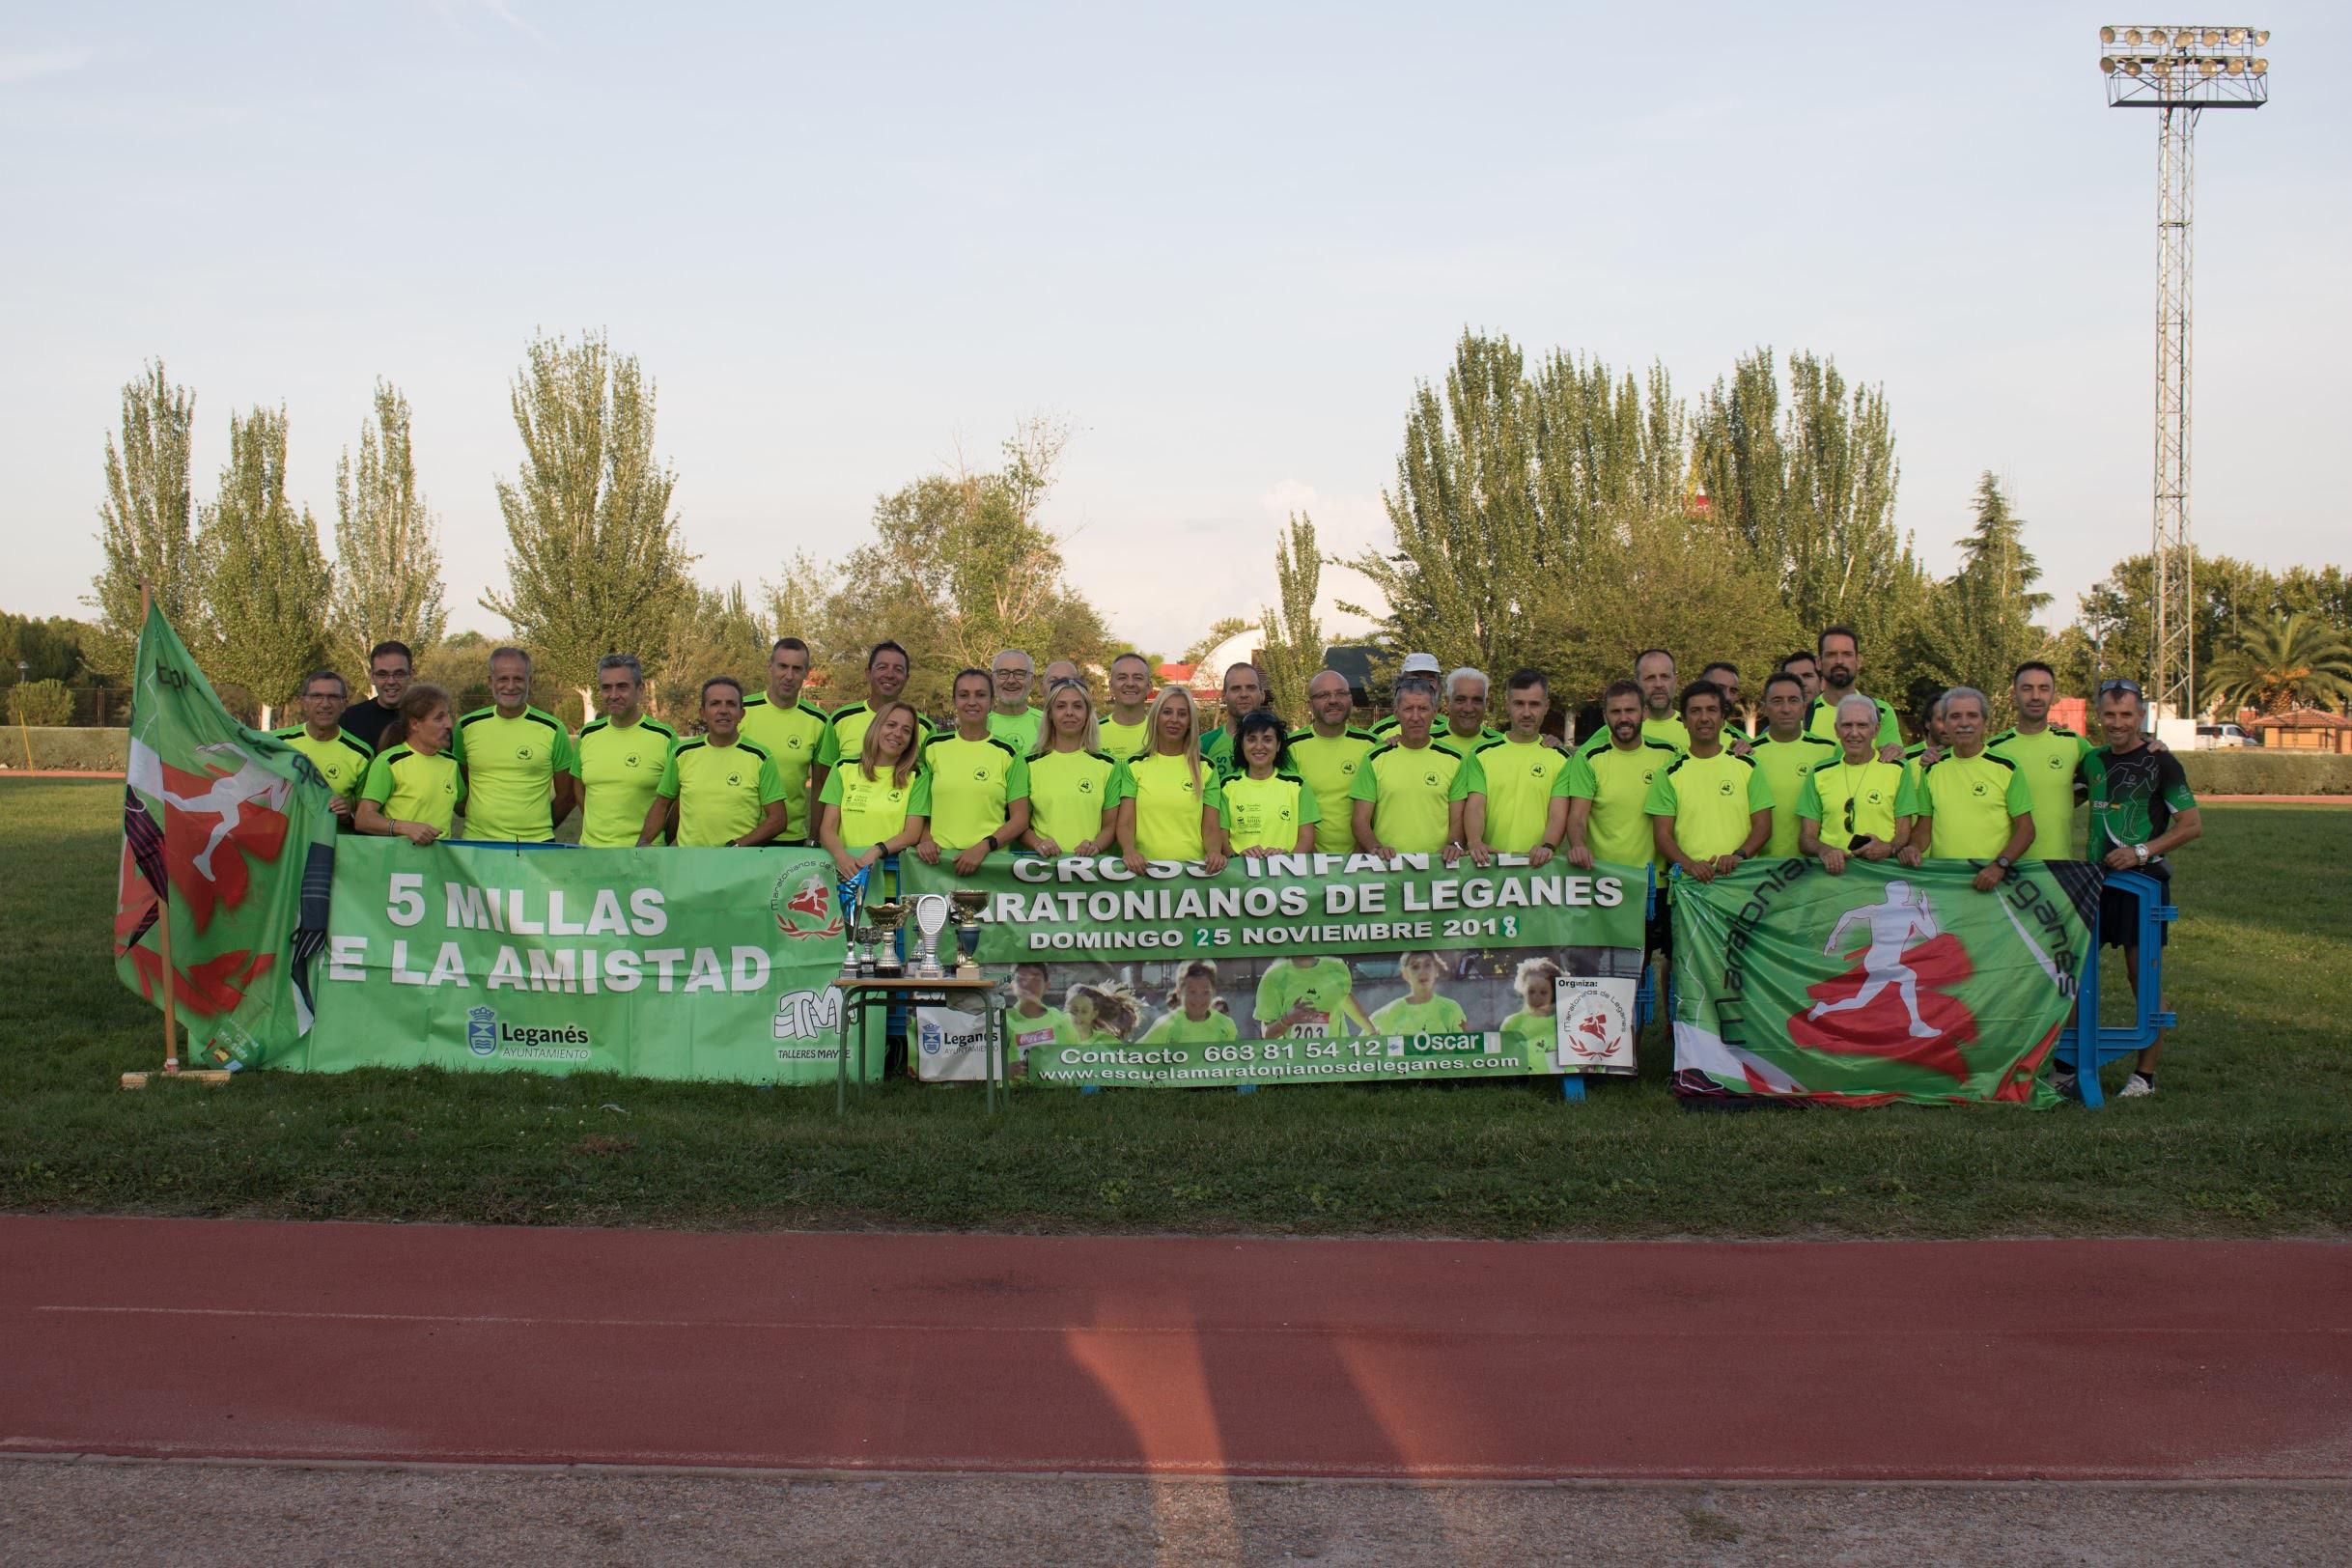 Presentación de los Maratonianos de Leganes, Temporada 2019/20.